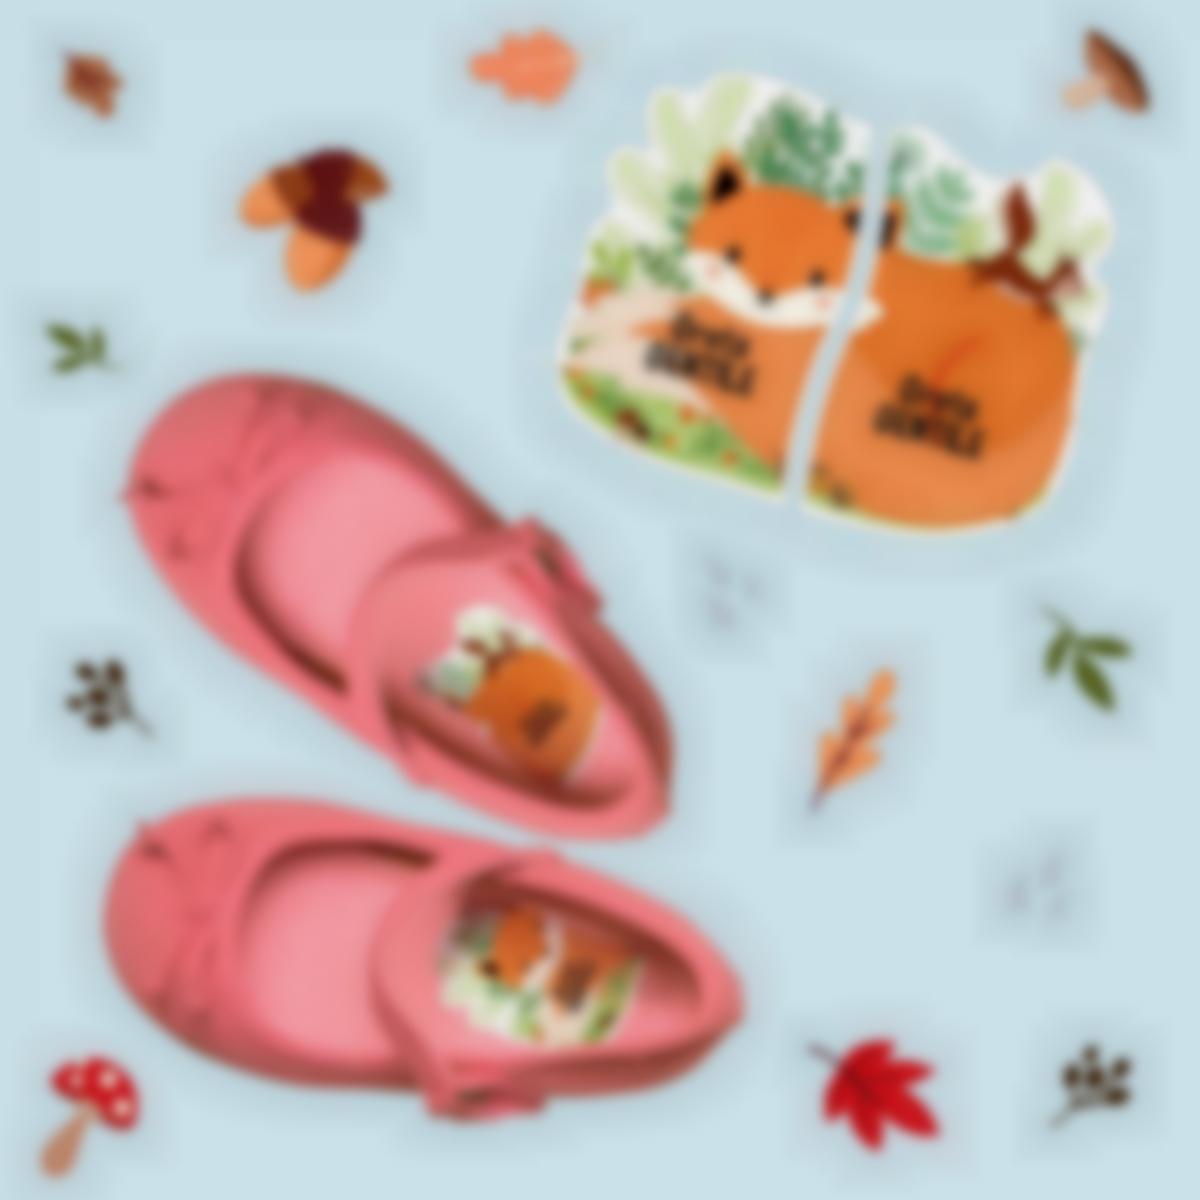 etichette intuitive per scarpe volpe 1